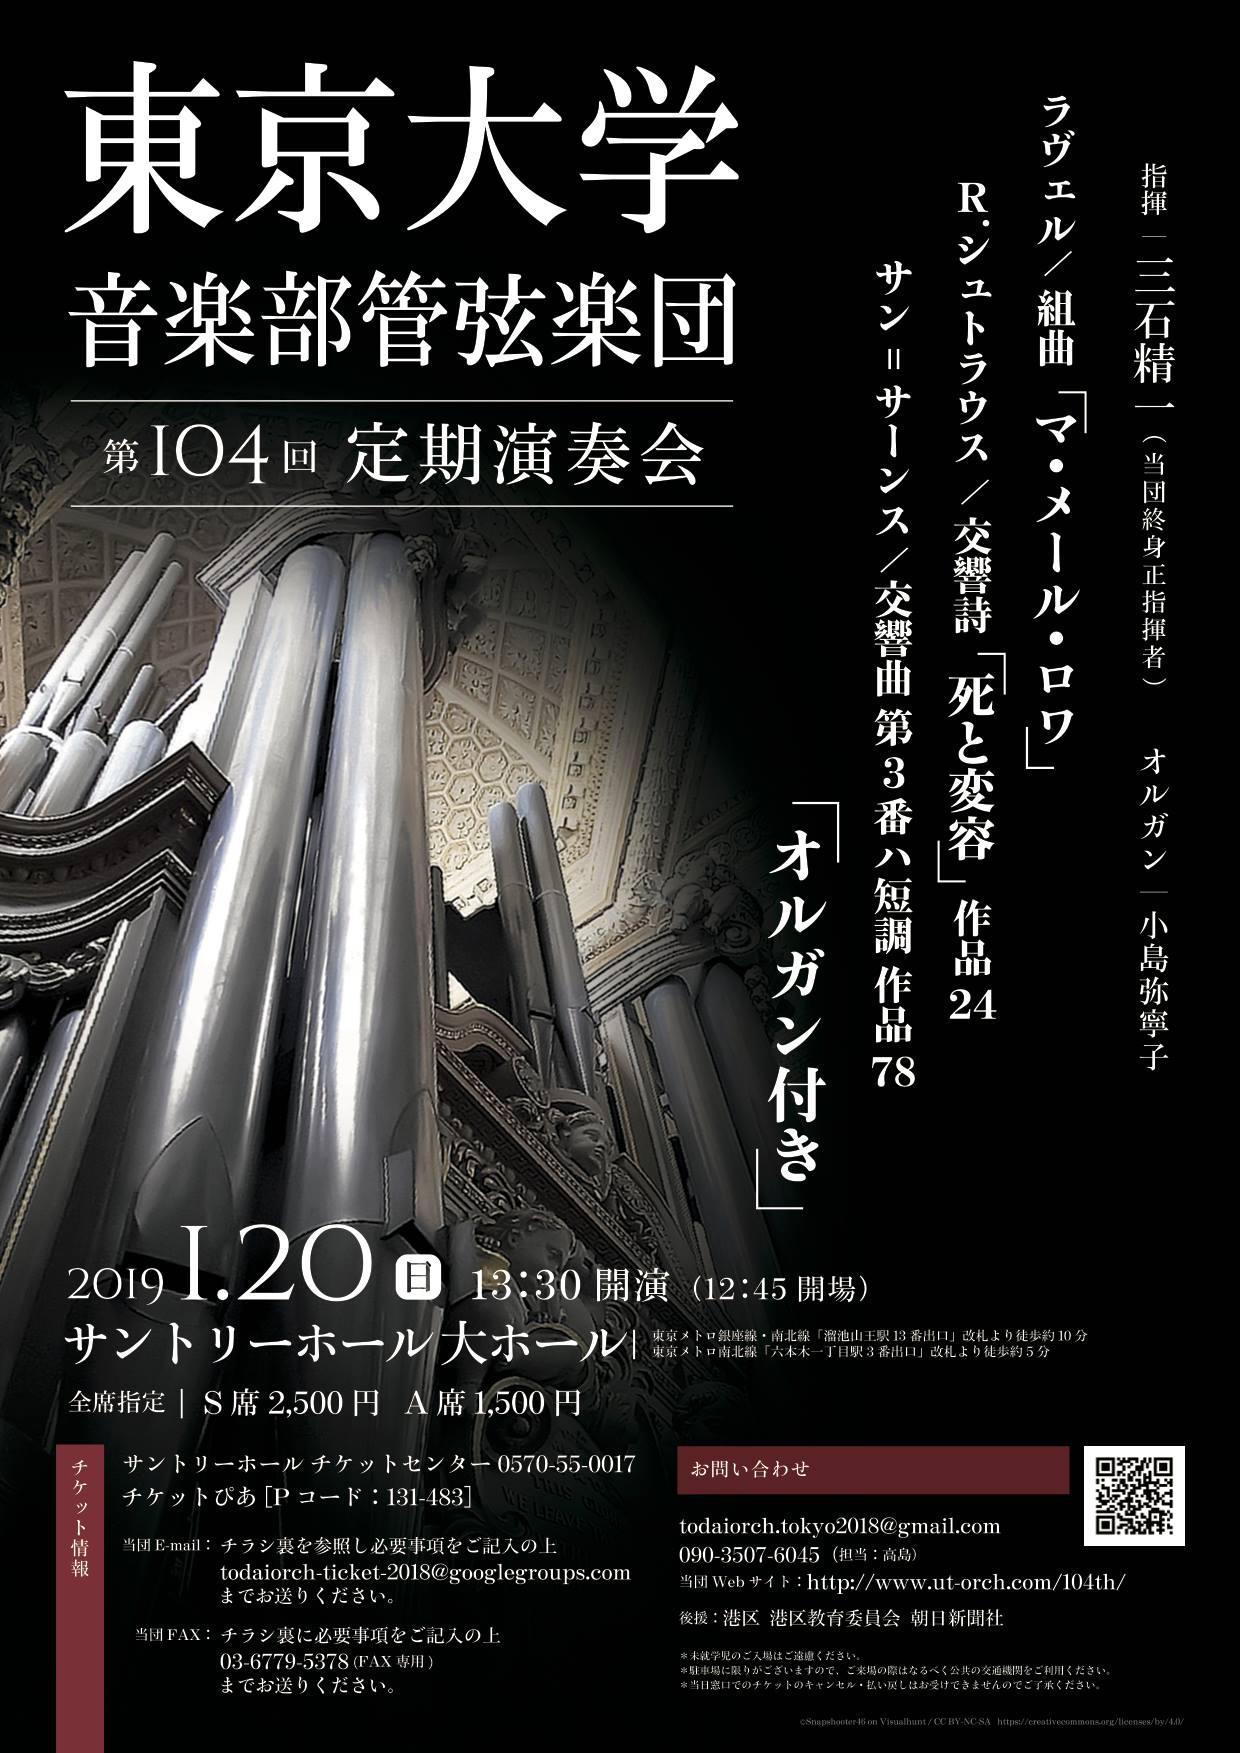 東京大学音楽部管弦楽団第104回定期演奏会